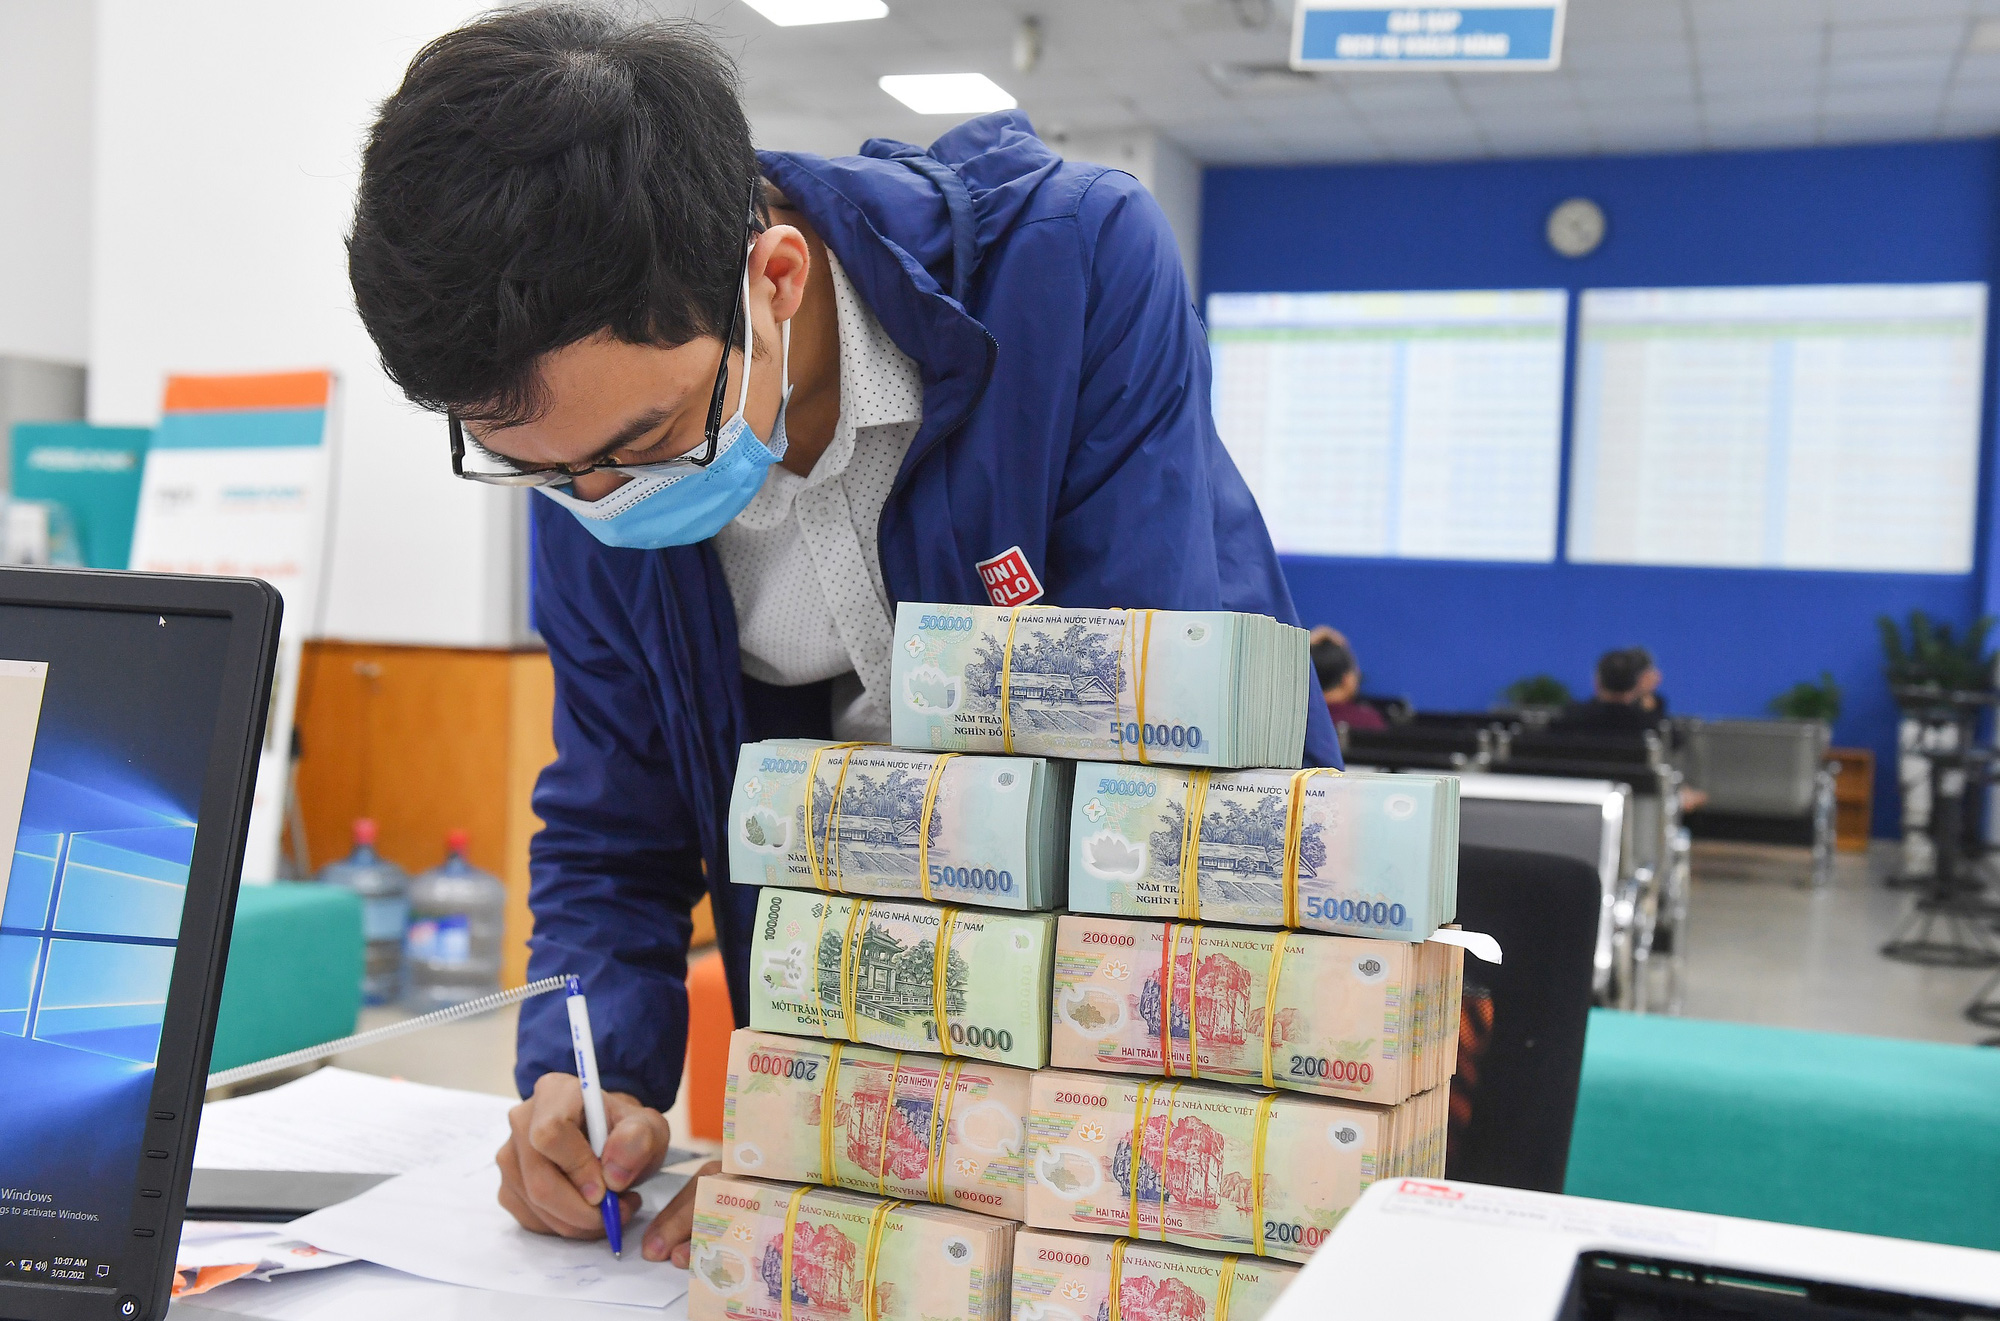 Thống đốc NHNN: Sẽ tăng hạn mức tín dụng cho các ngân hàng - Ảnh 1.